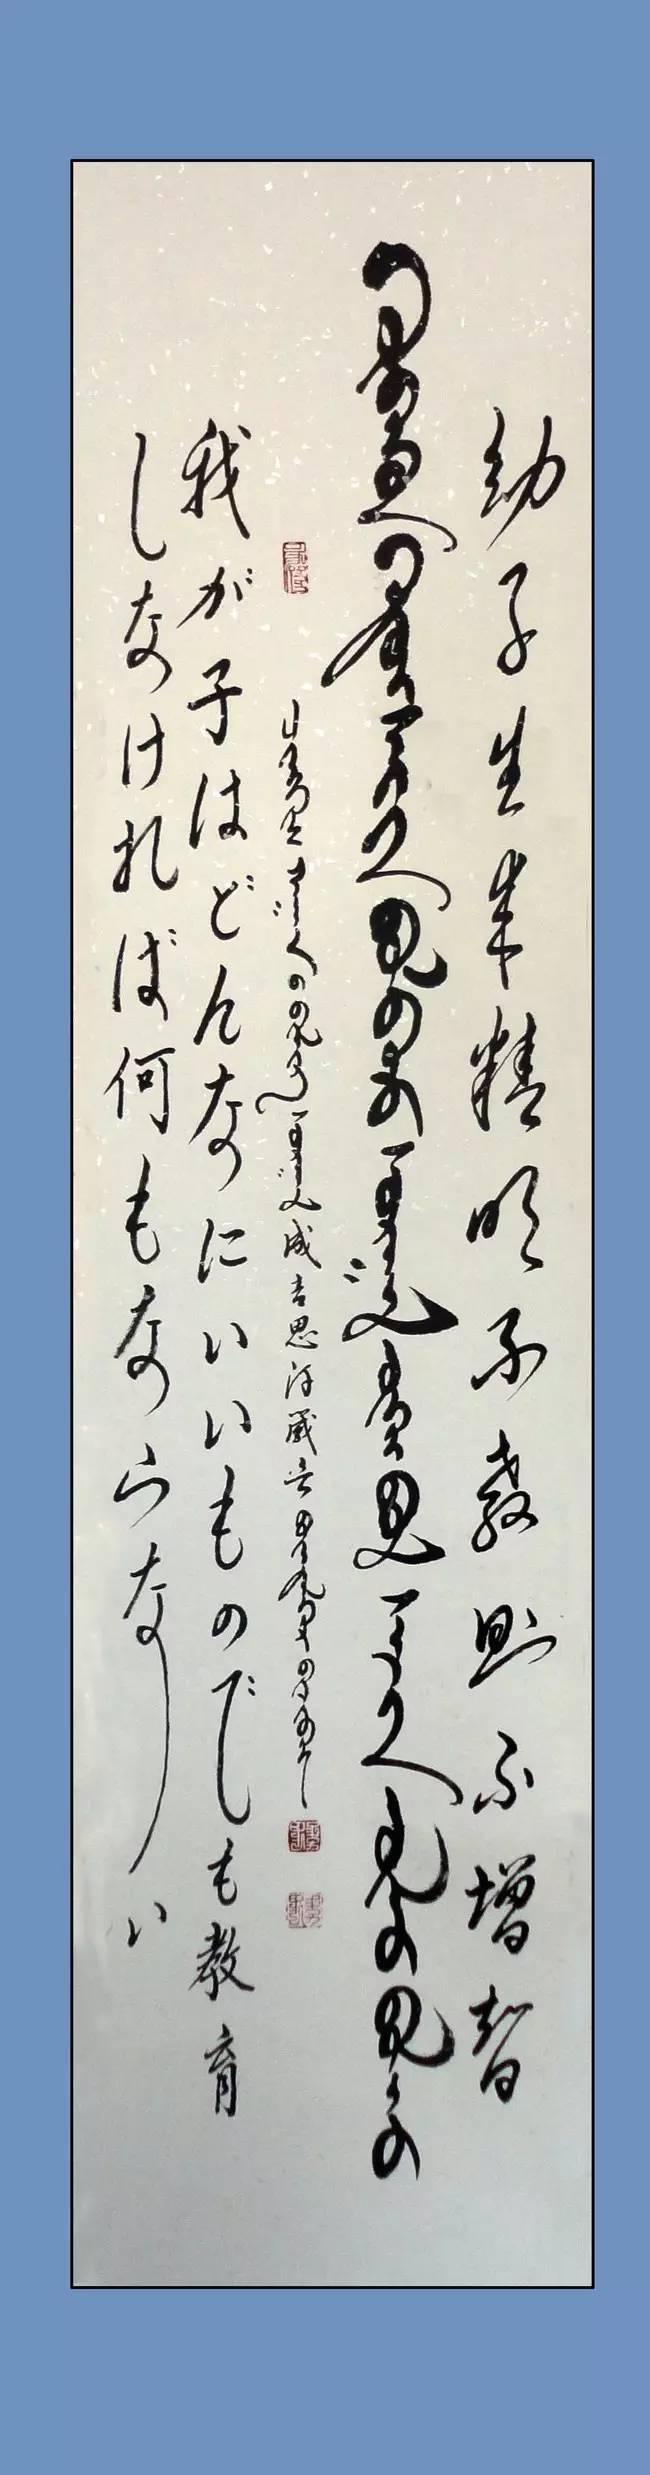 【纪实】蒙古书法的追寻着 —— 宝音德力格尔 第15张 【纪实】蒙古书法的追寻着 —— 宝音德力格尔 蒙古书法